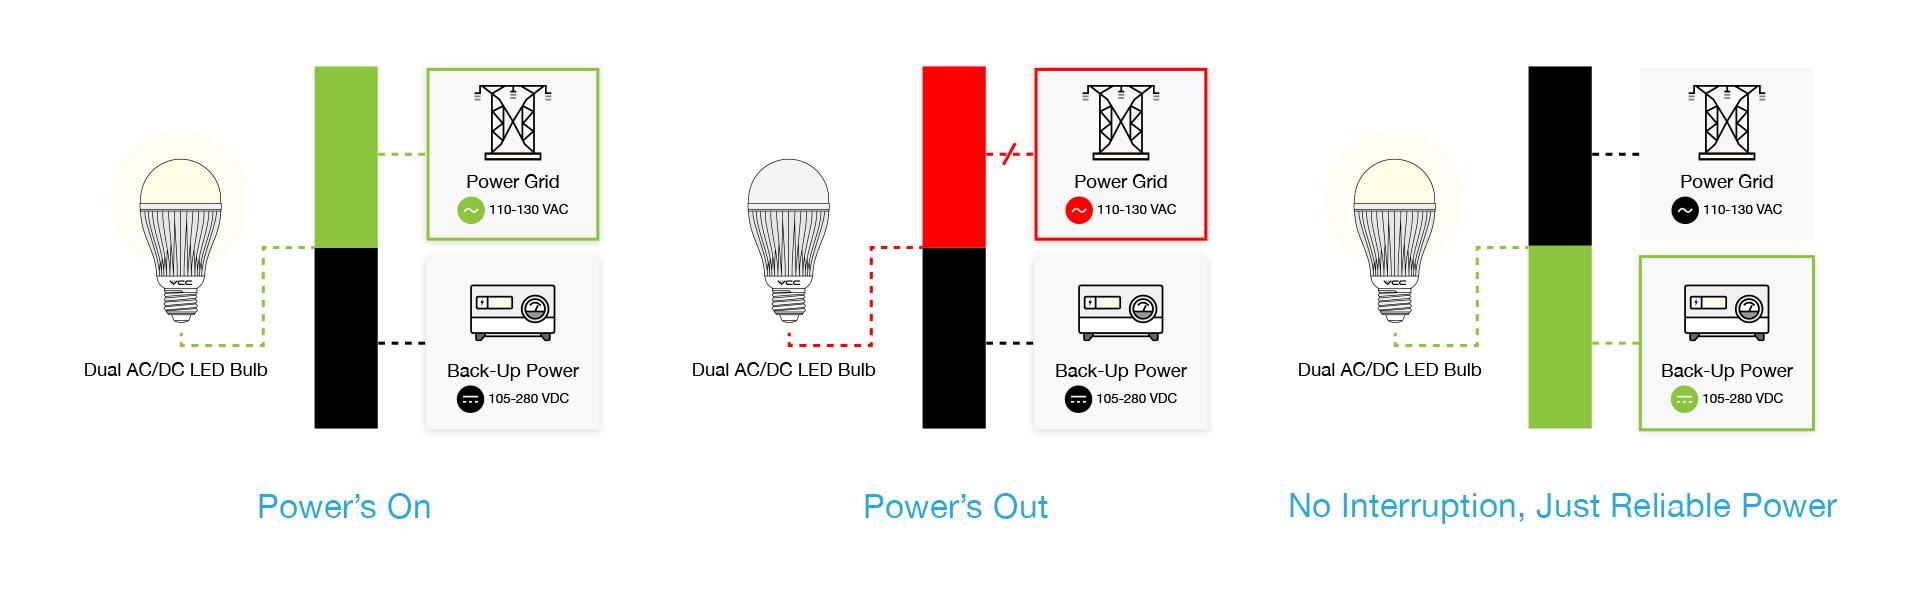 ac dc emergency bulb